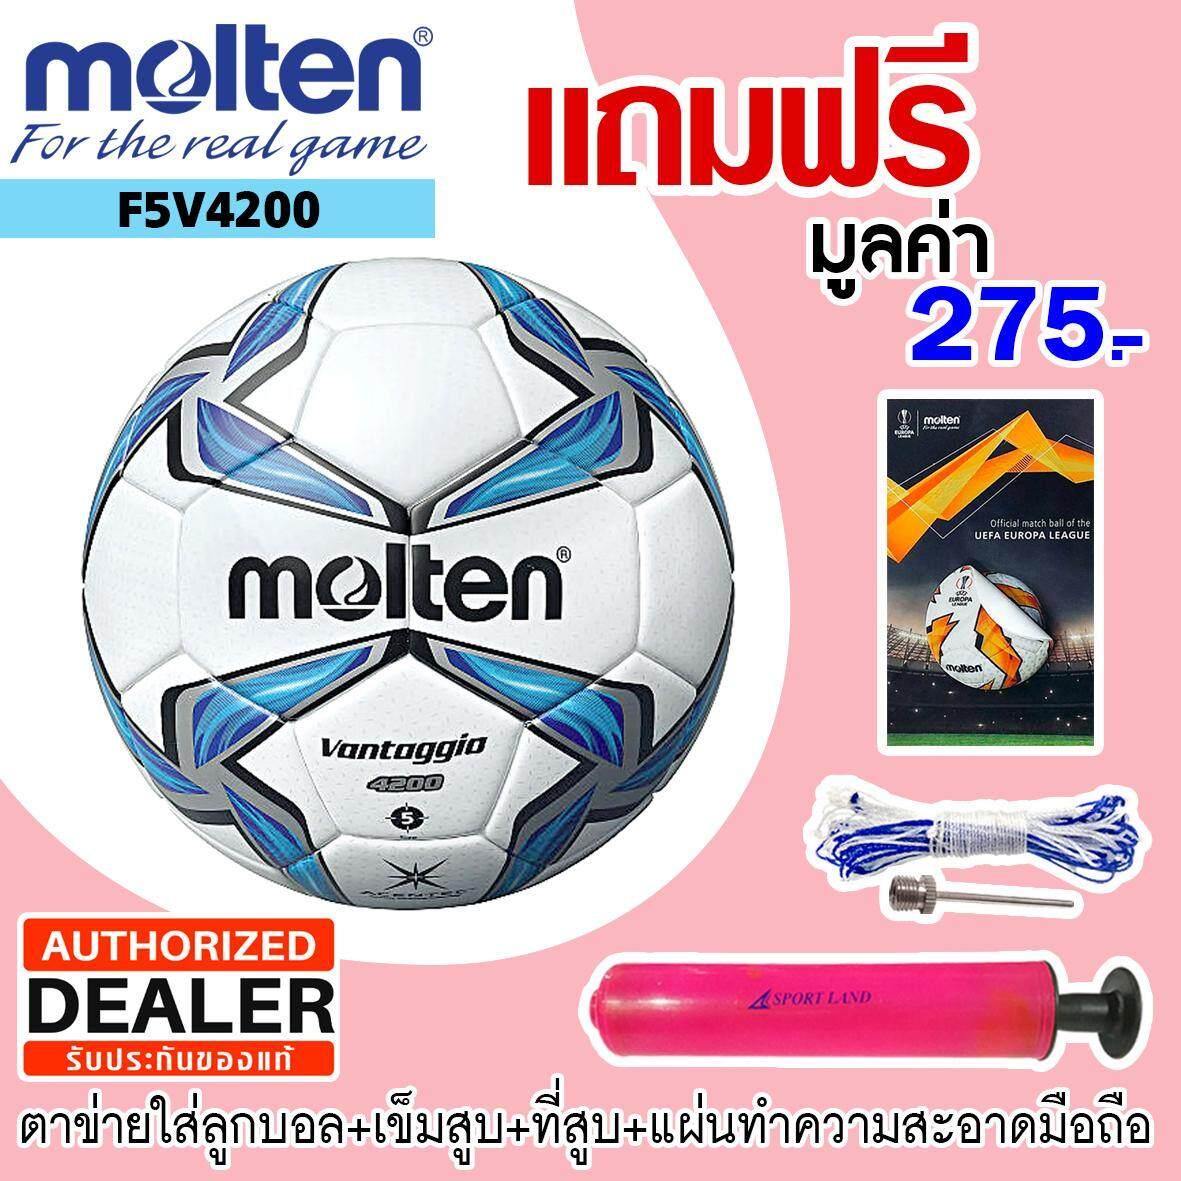 สอนใช้งาน  ตรัง MOLTEN ฟุตบอล Football MOT HS-PU F5V4200 เบอร์5 แถมฟรี ตาข่ายใส่ลูกฟุตบอล + เข็มสูบลม + สูบมือ SPL รุ่น SL6 สีชมพู + แผ่นทำความสะอาดมือถือ